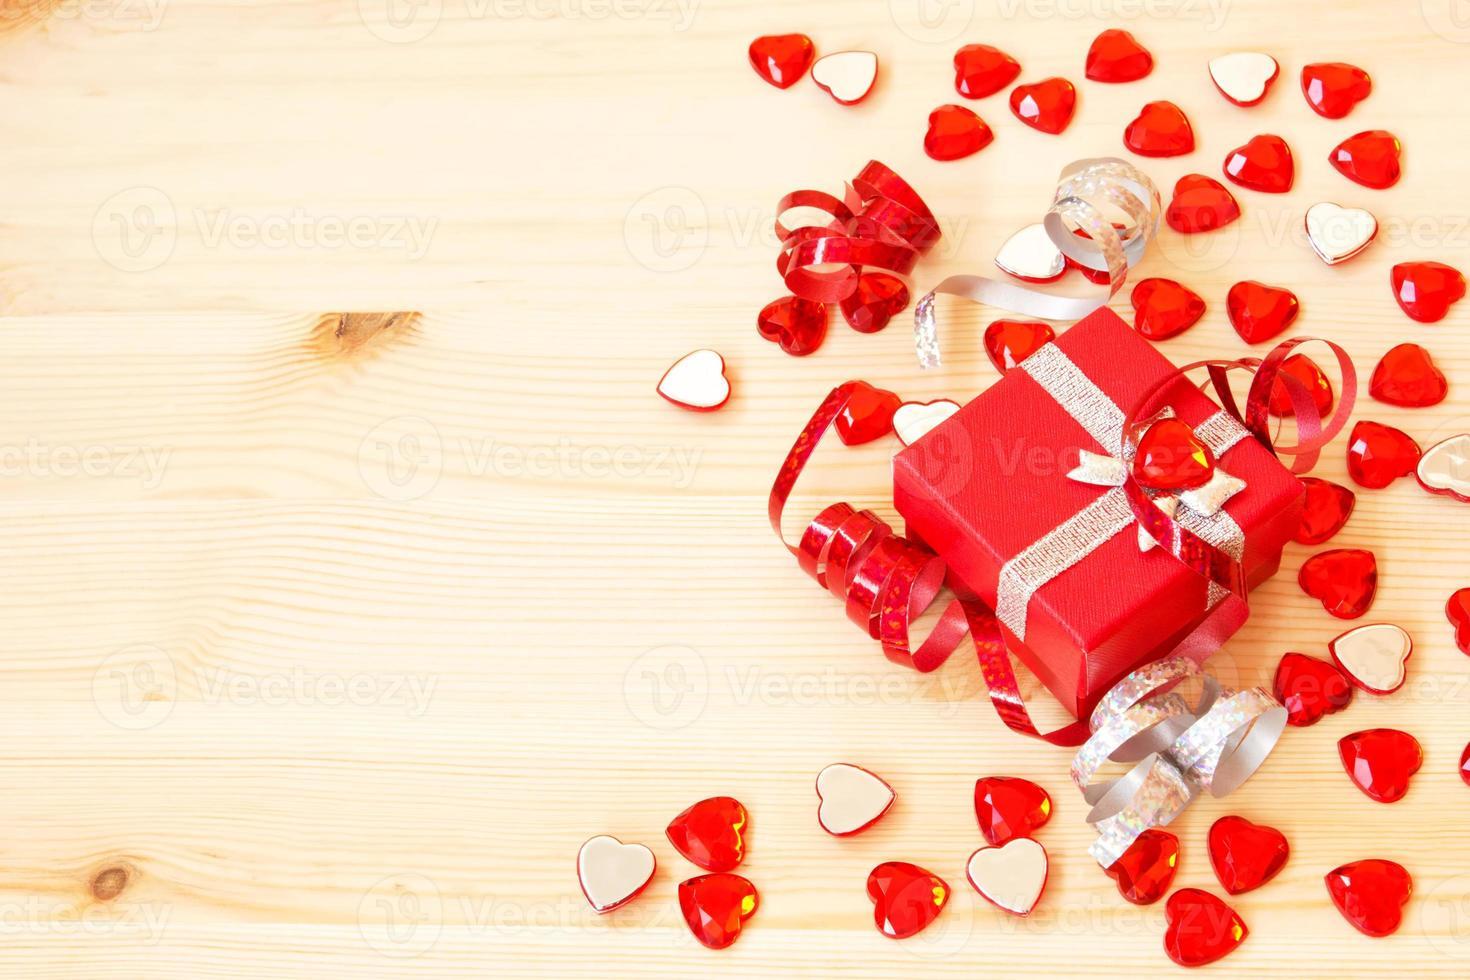 joli coffret rouge, rubans et coeurs de la Saint-Valentin photo